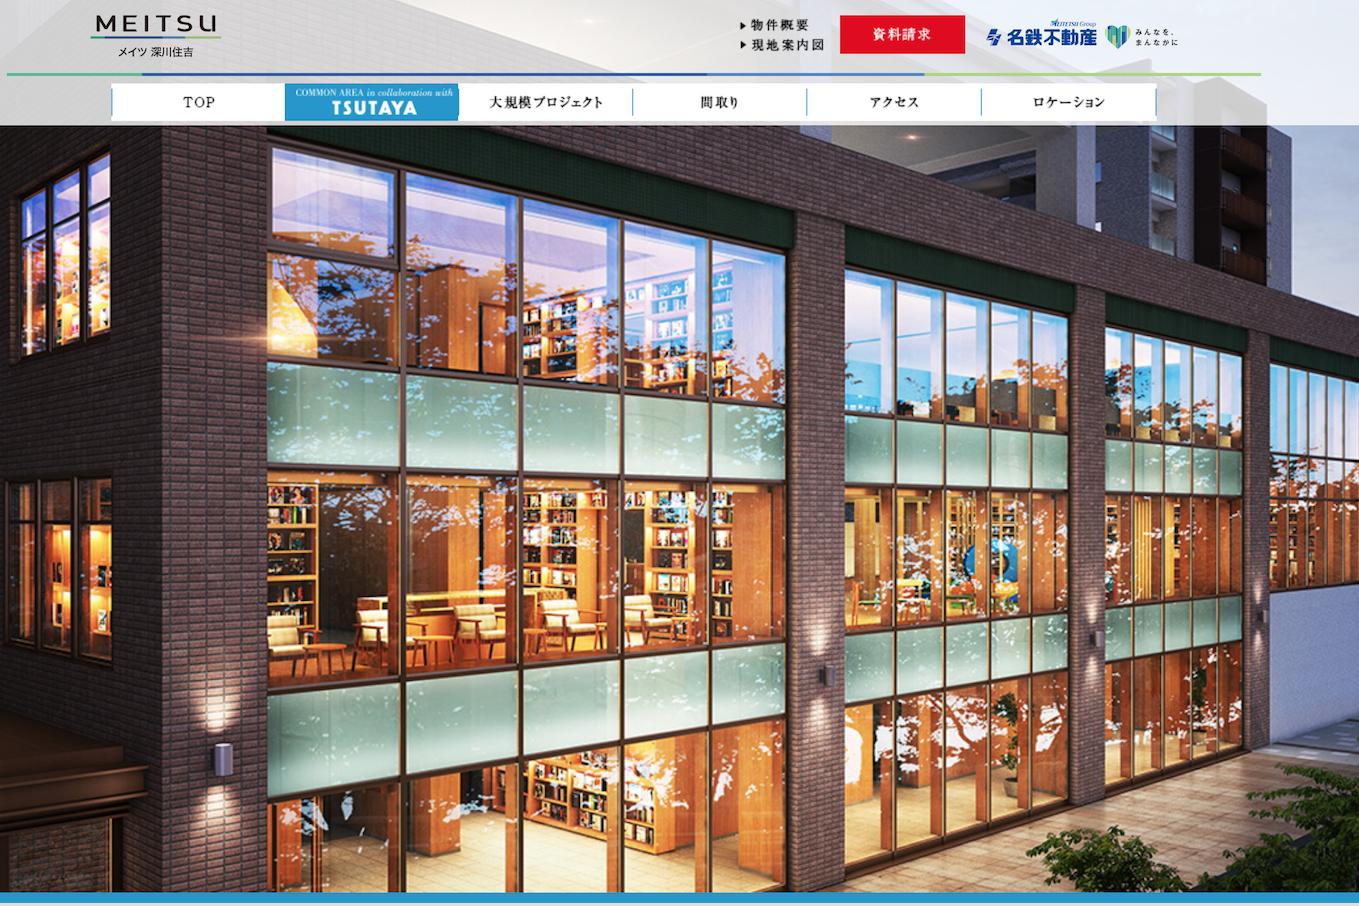 日本茑屋书店跨界房地产,首度负责住宅区公共空间设计